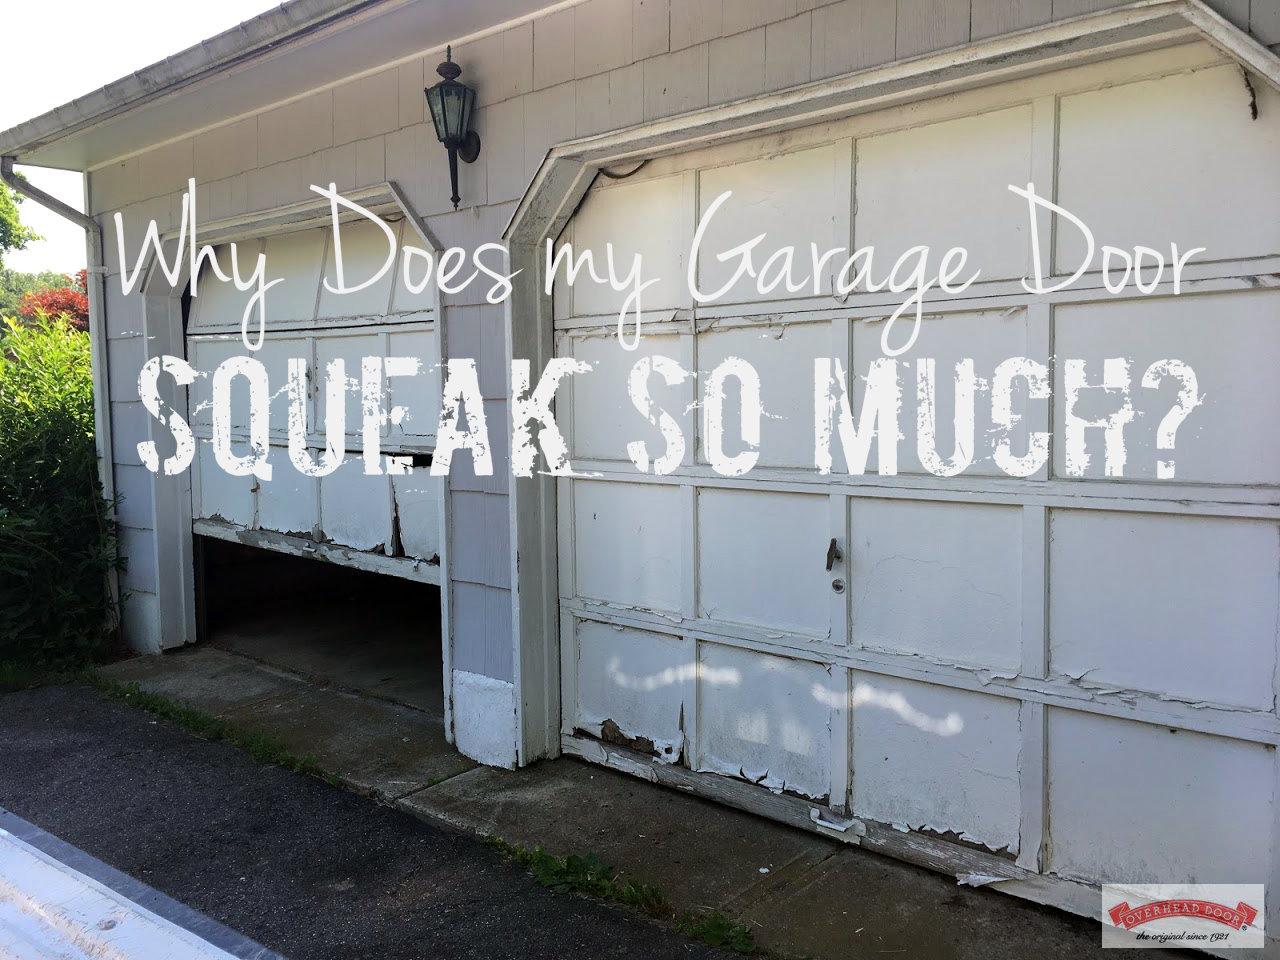 Why Does my Garage Door Squeak So Much?